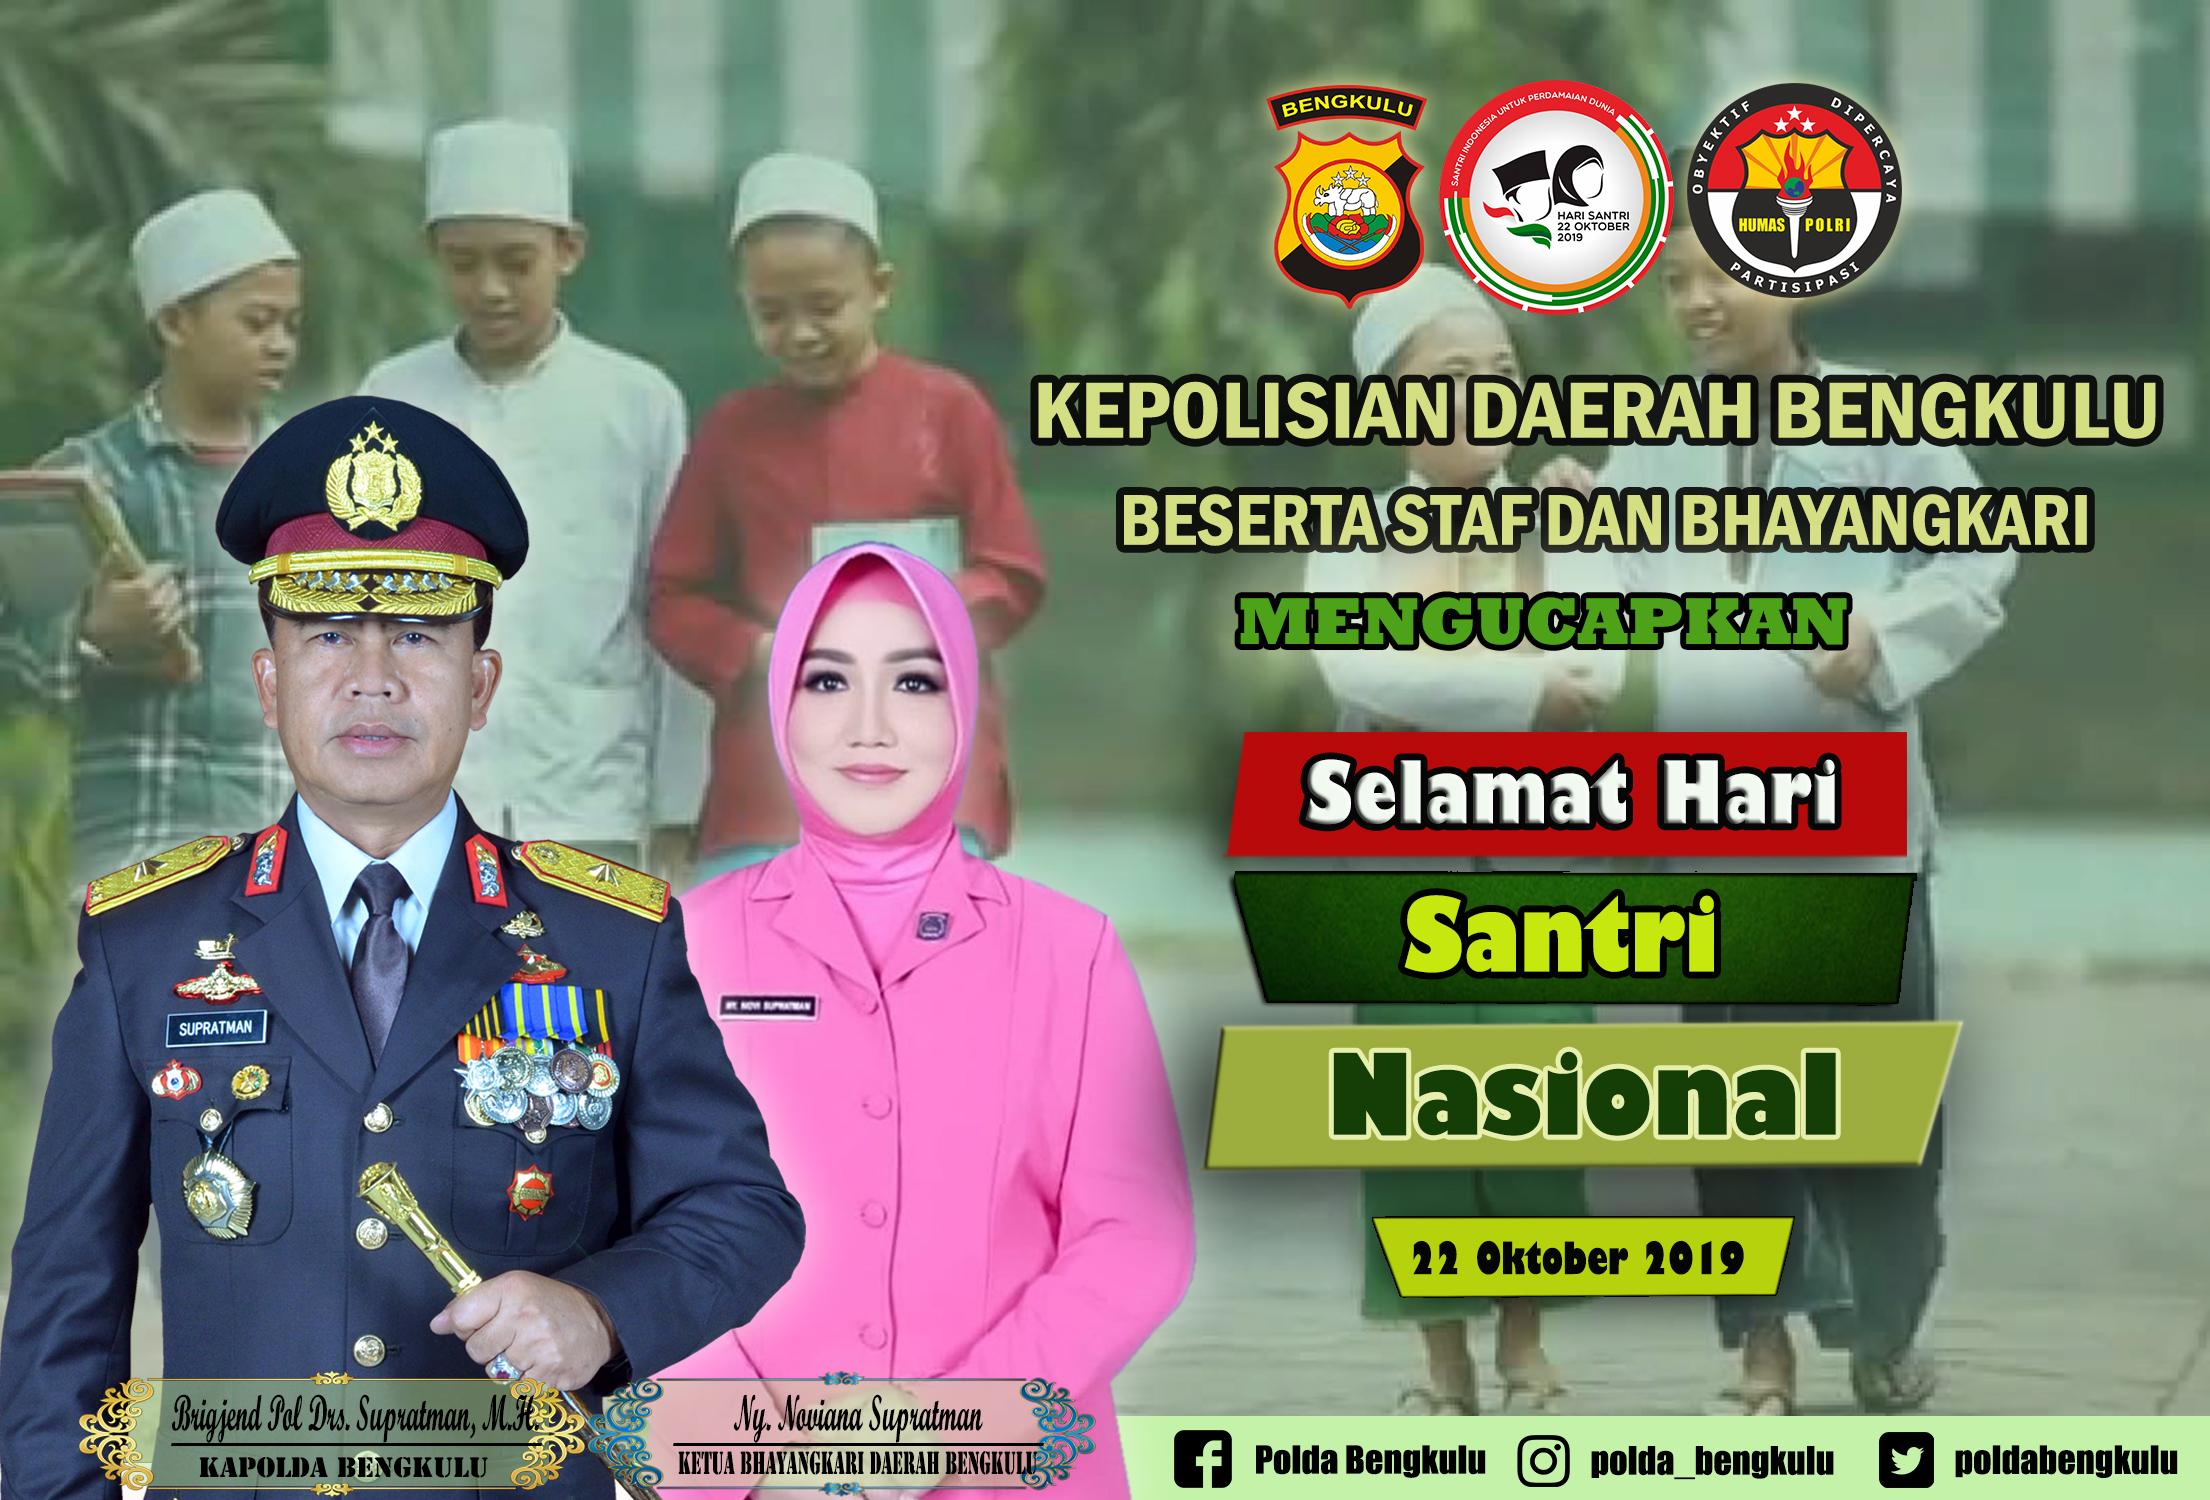 Kapolda Bengkulu Mengucapkan Selamat Hari Santri Nasional Tahun 2019